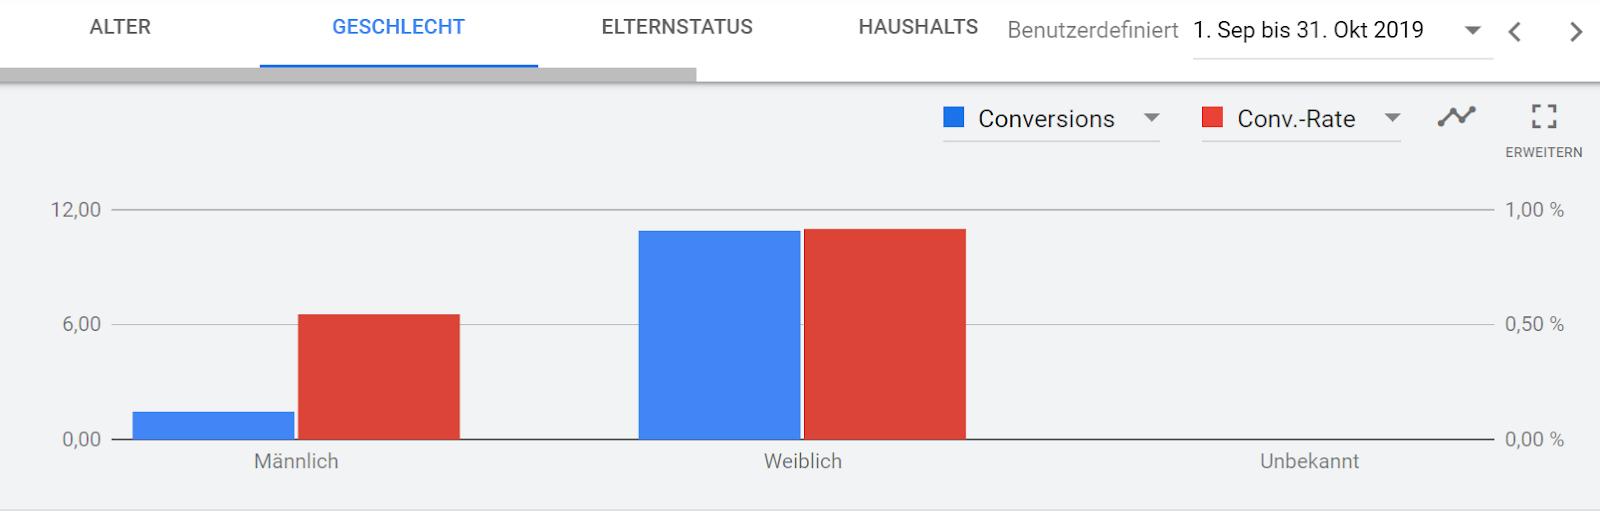 Vergleich Conversion Rate Männer/Frauen